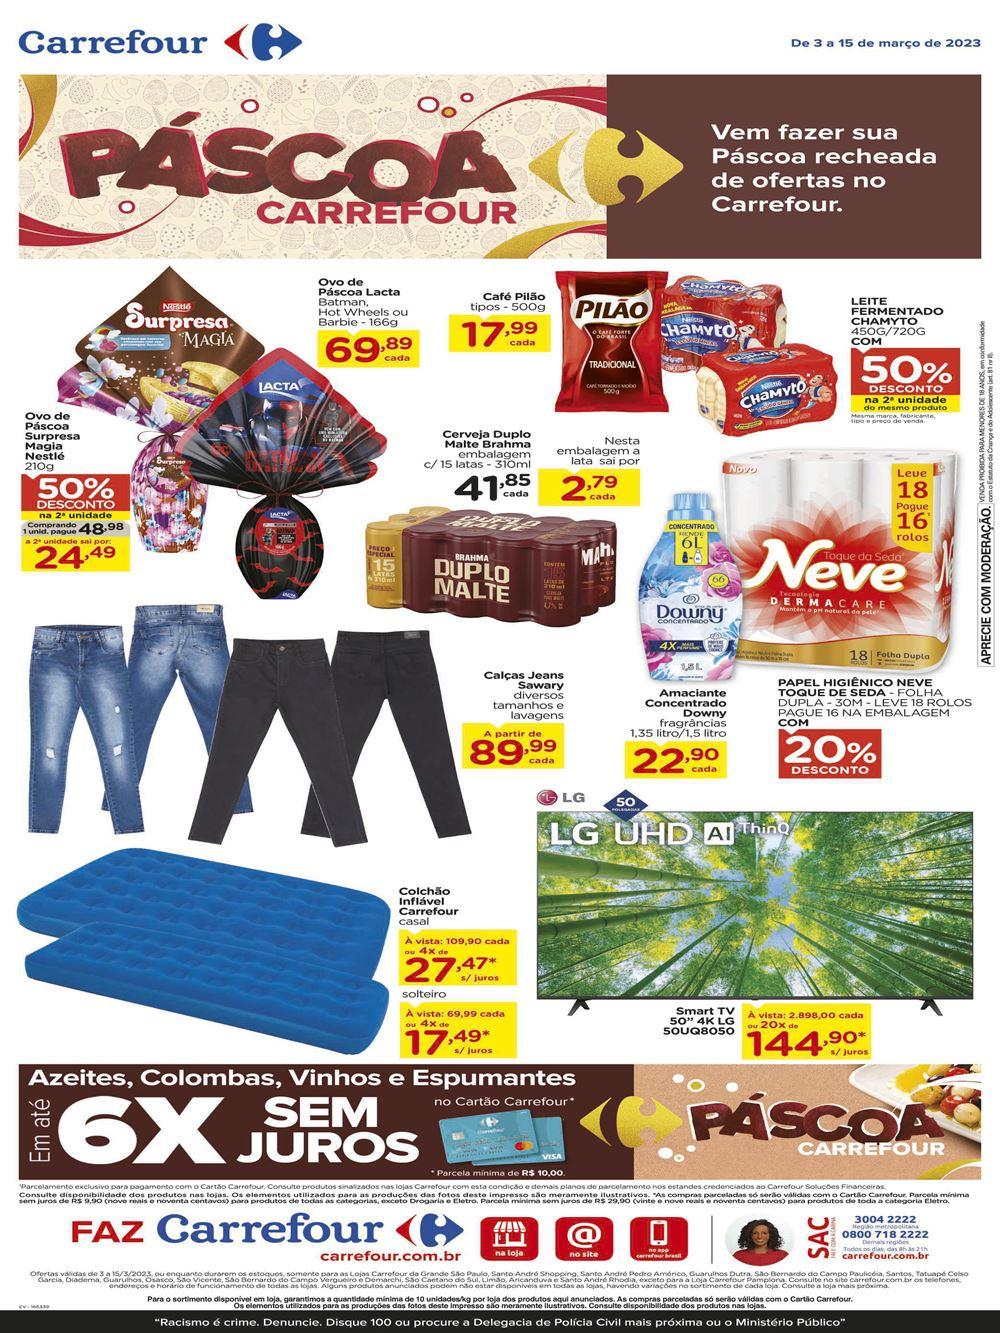 carrefour-ofertas-descontos-hoje1-18 Carrefour até 08/08